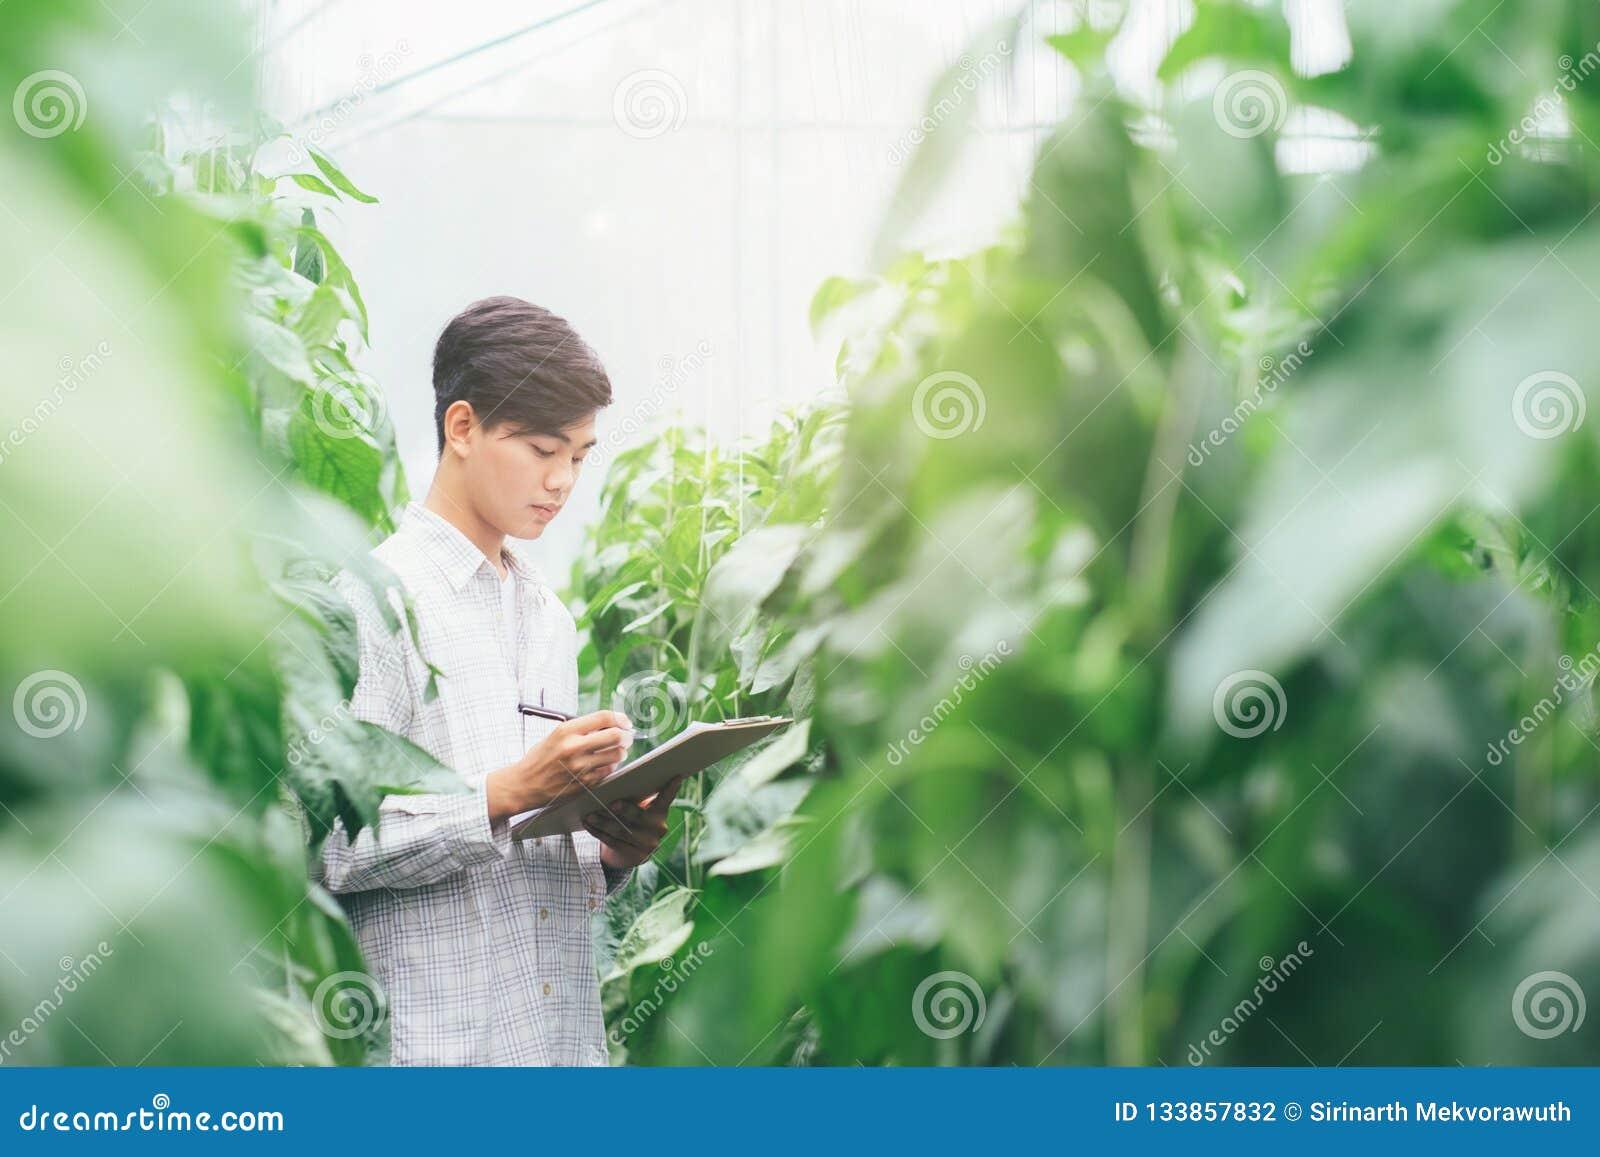 聪明种田使用在农业的现代技术